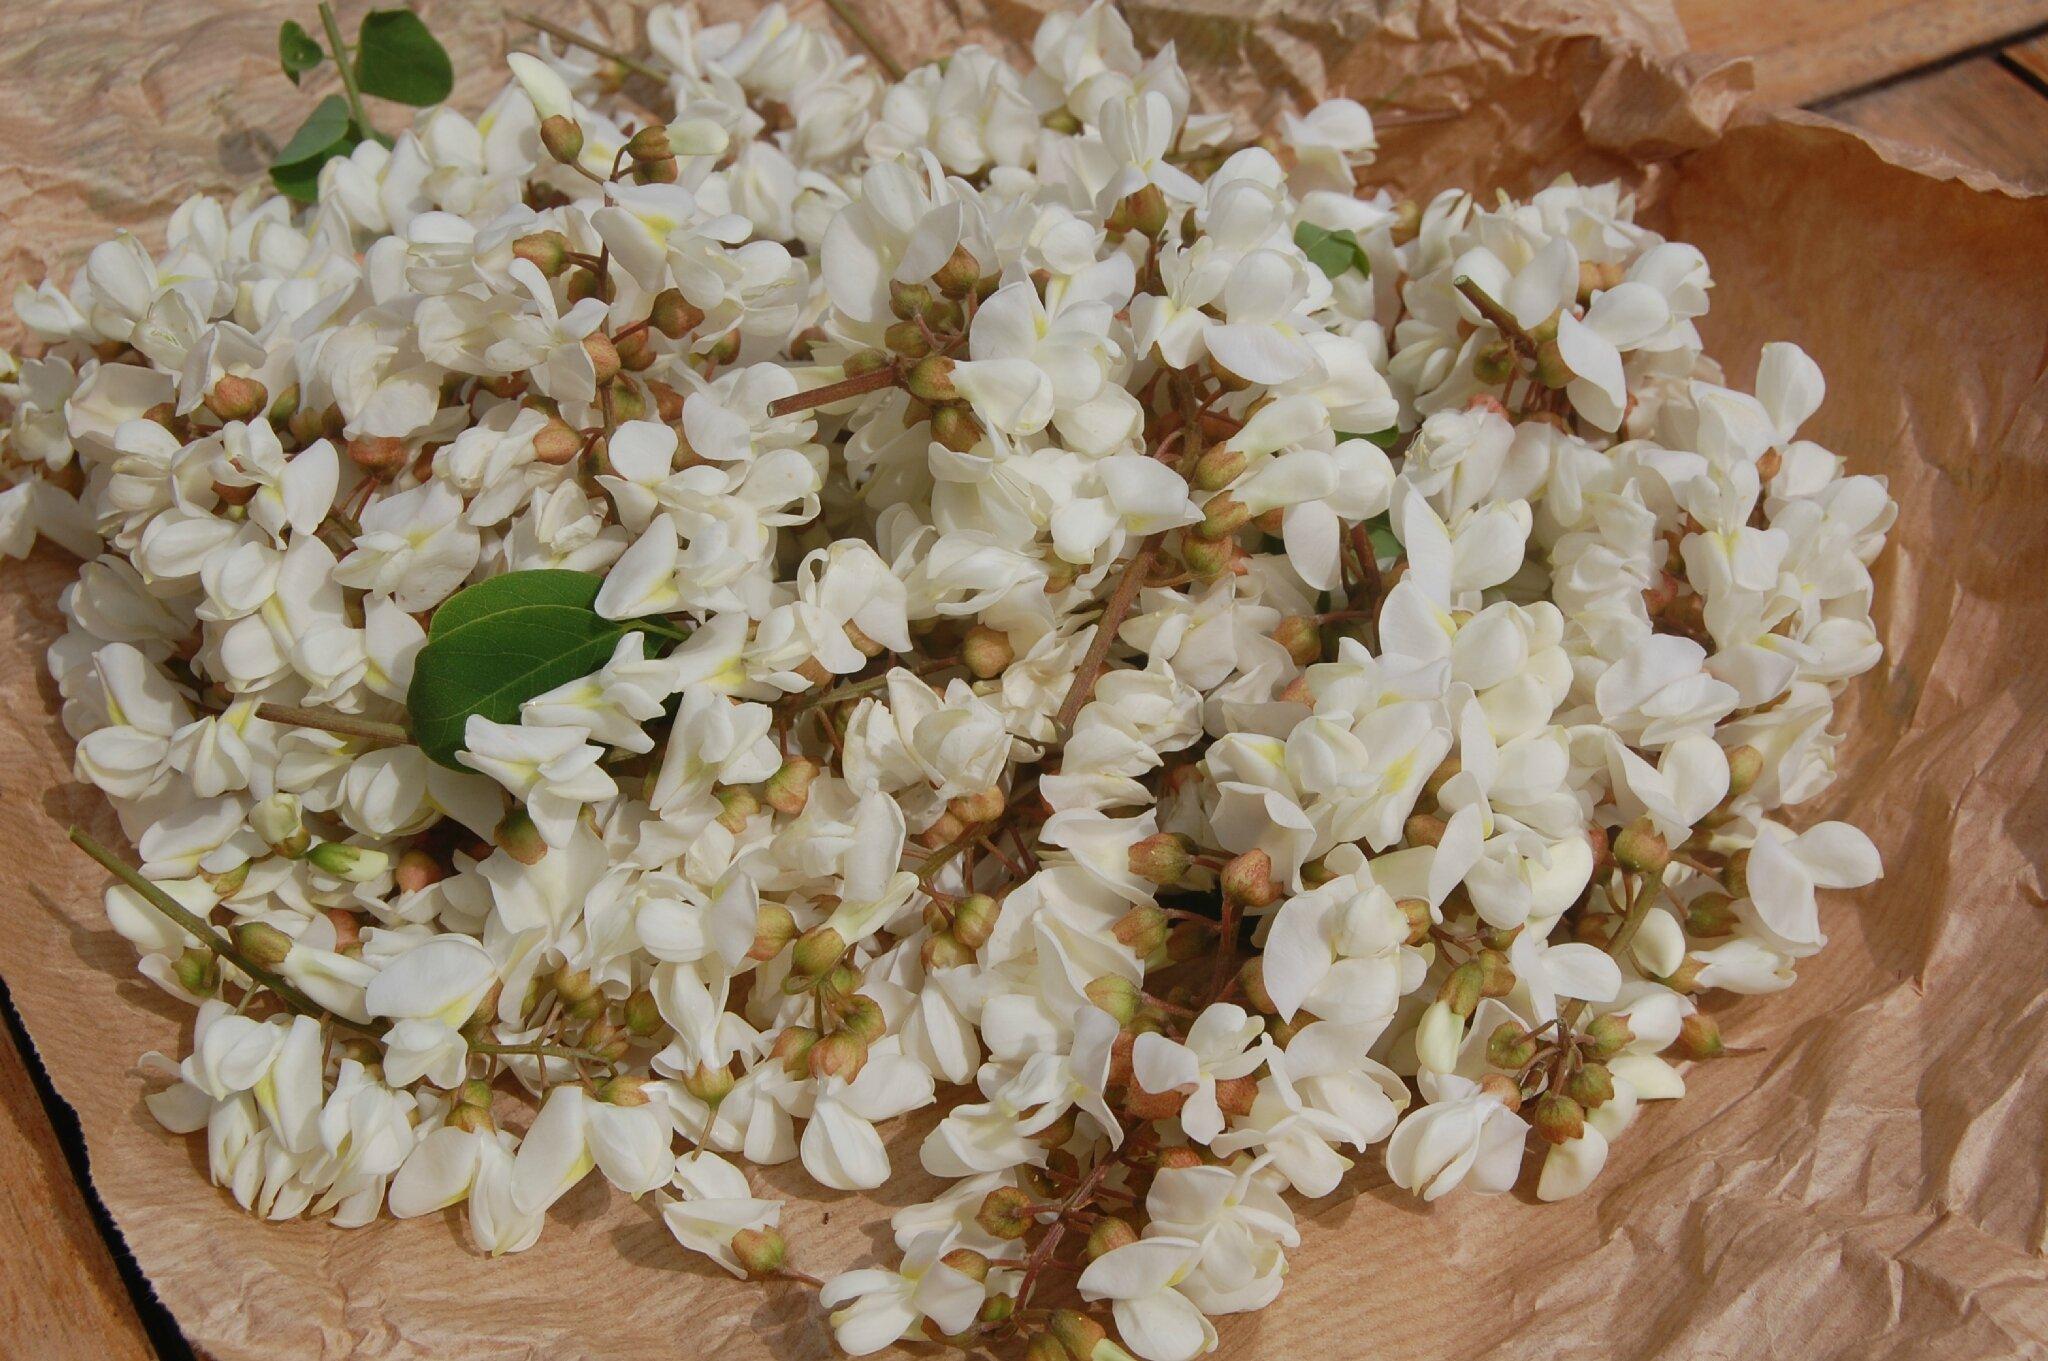 Découvrir le goût de la fleur d'acacia